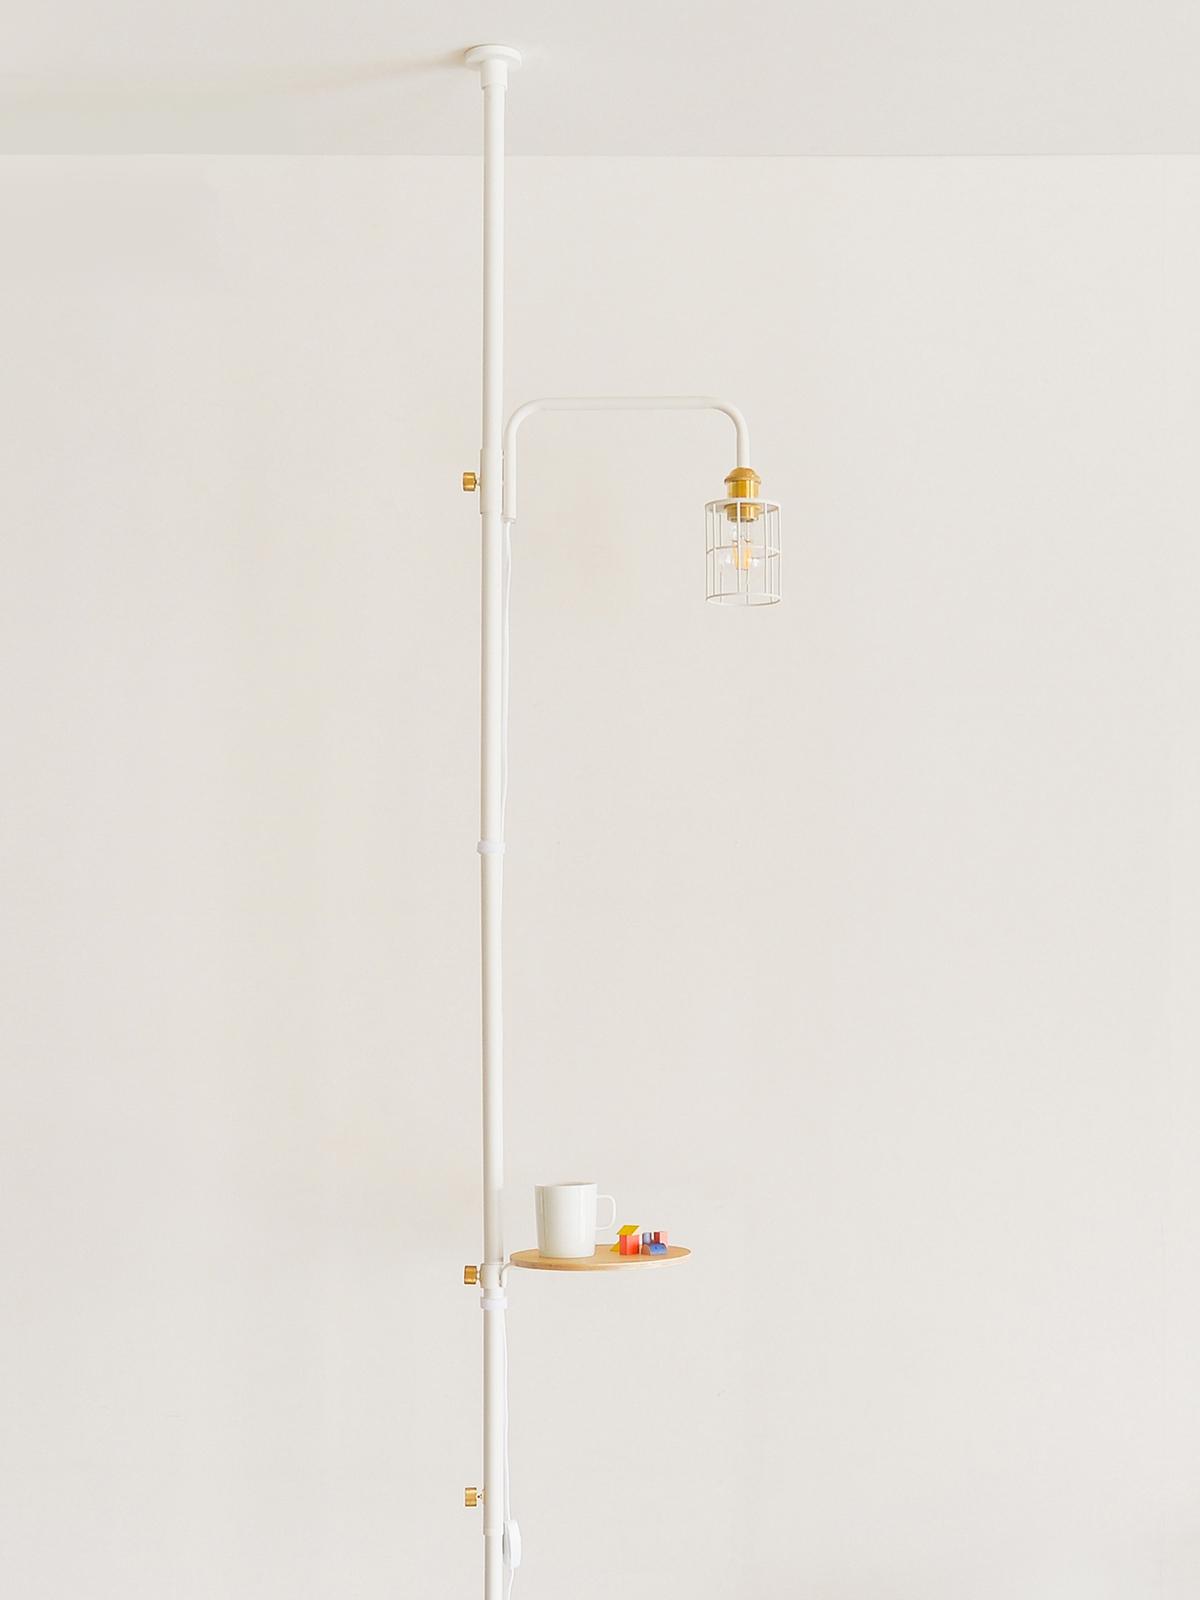 1.「ポール」にあらかじめセット|照明とテーブルがセットできる「つっぱり棒」|DRAW A LINE ランプシリーズ